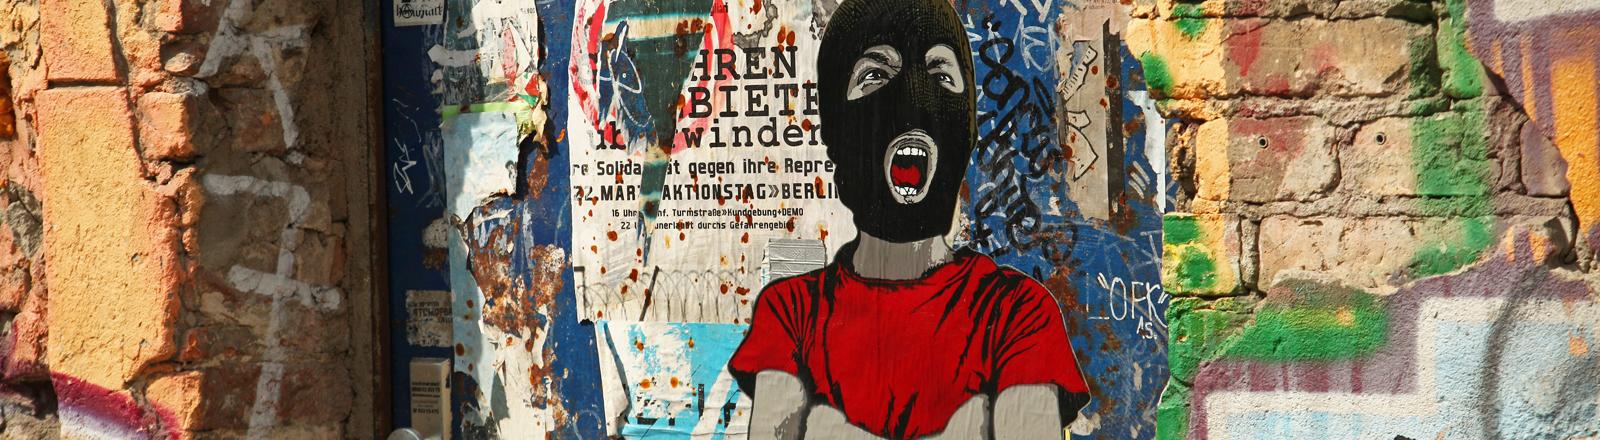 """Eine Street-Art-Arbeit von dem Künstler """"Alias"""""""